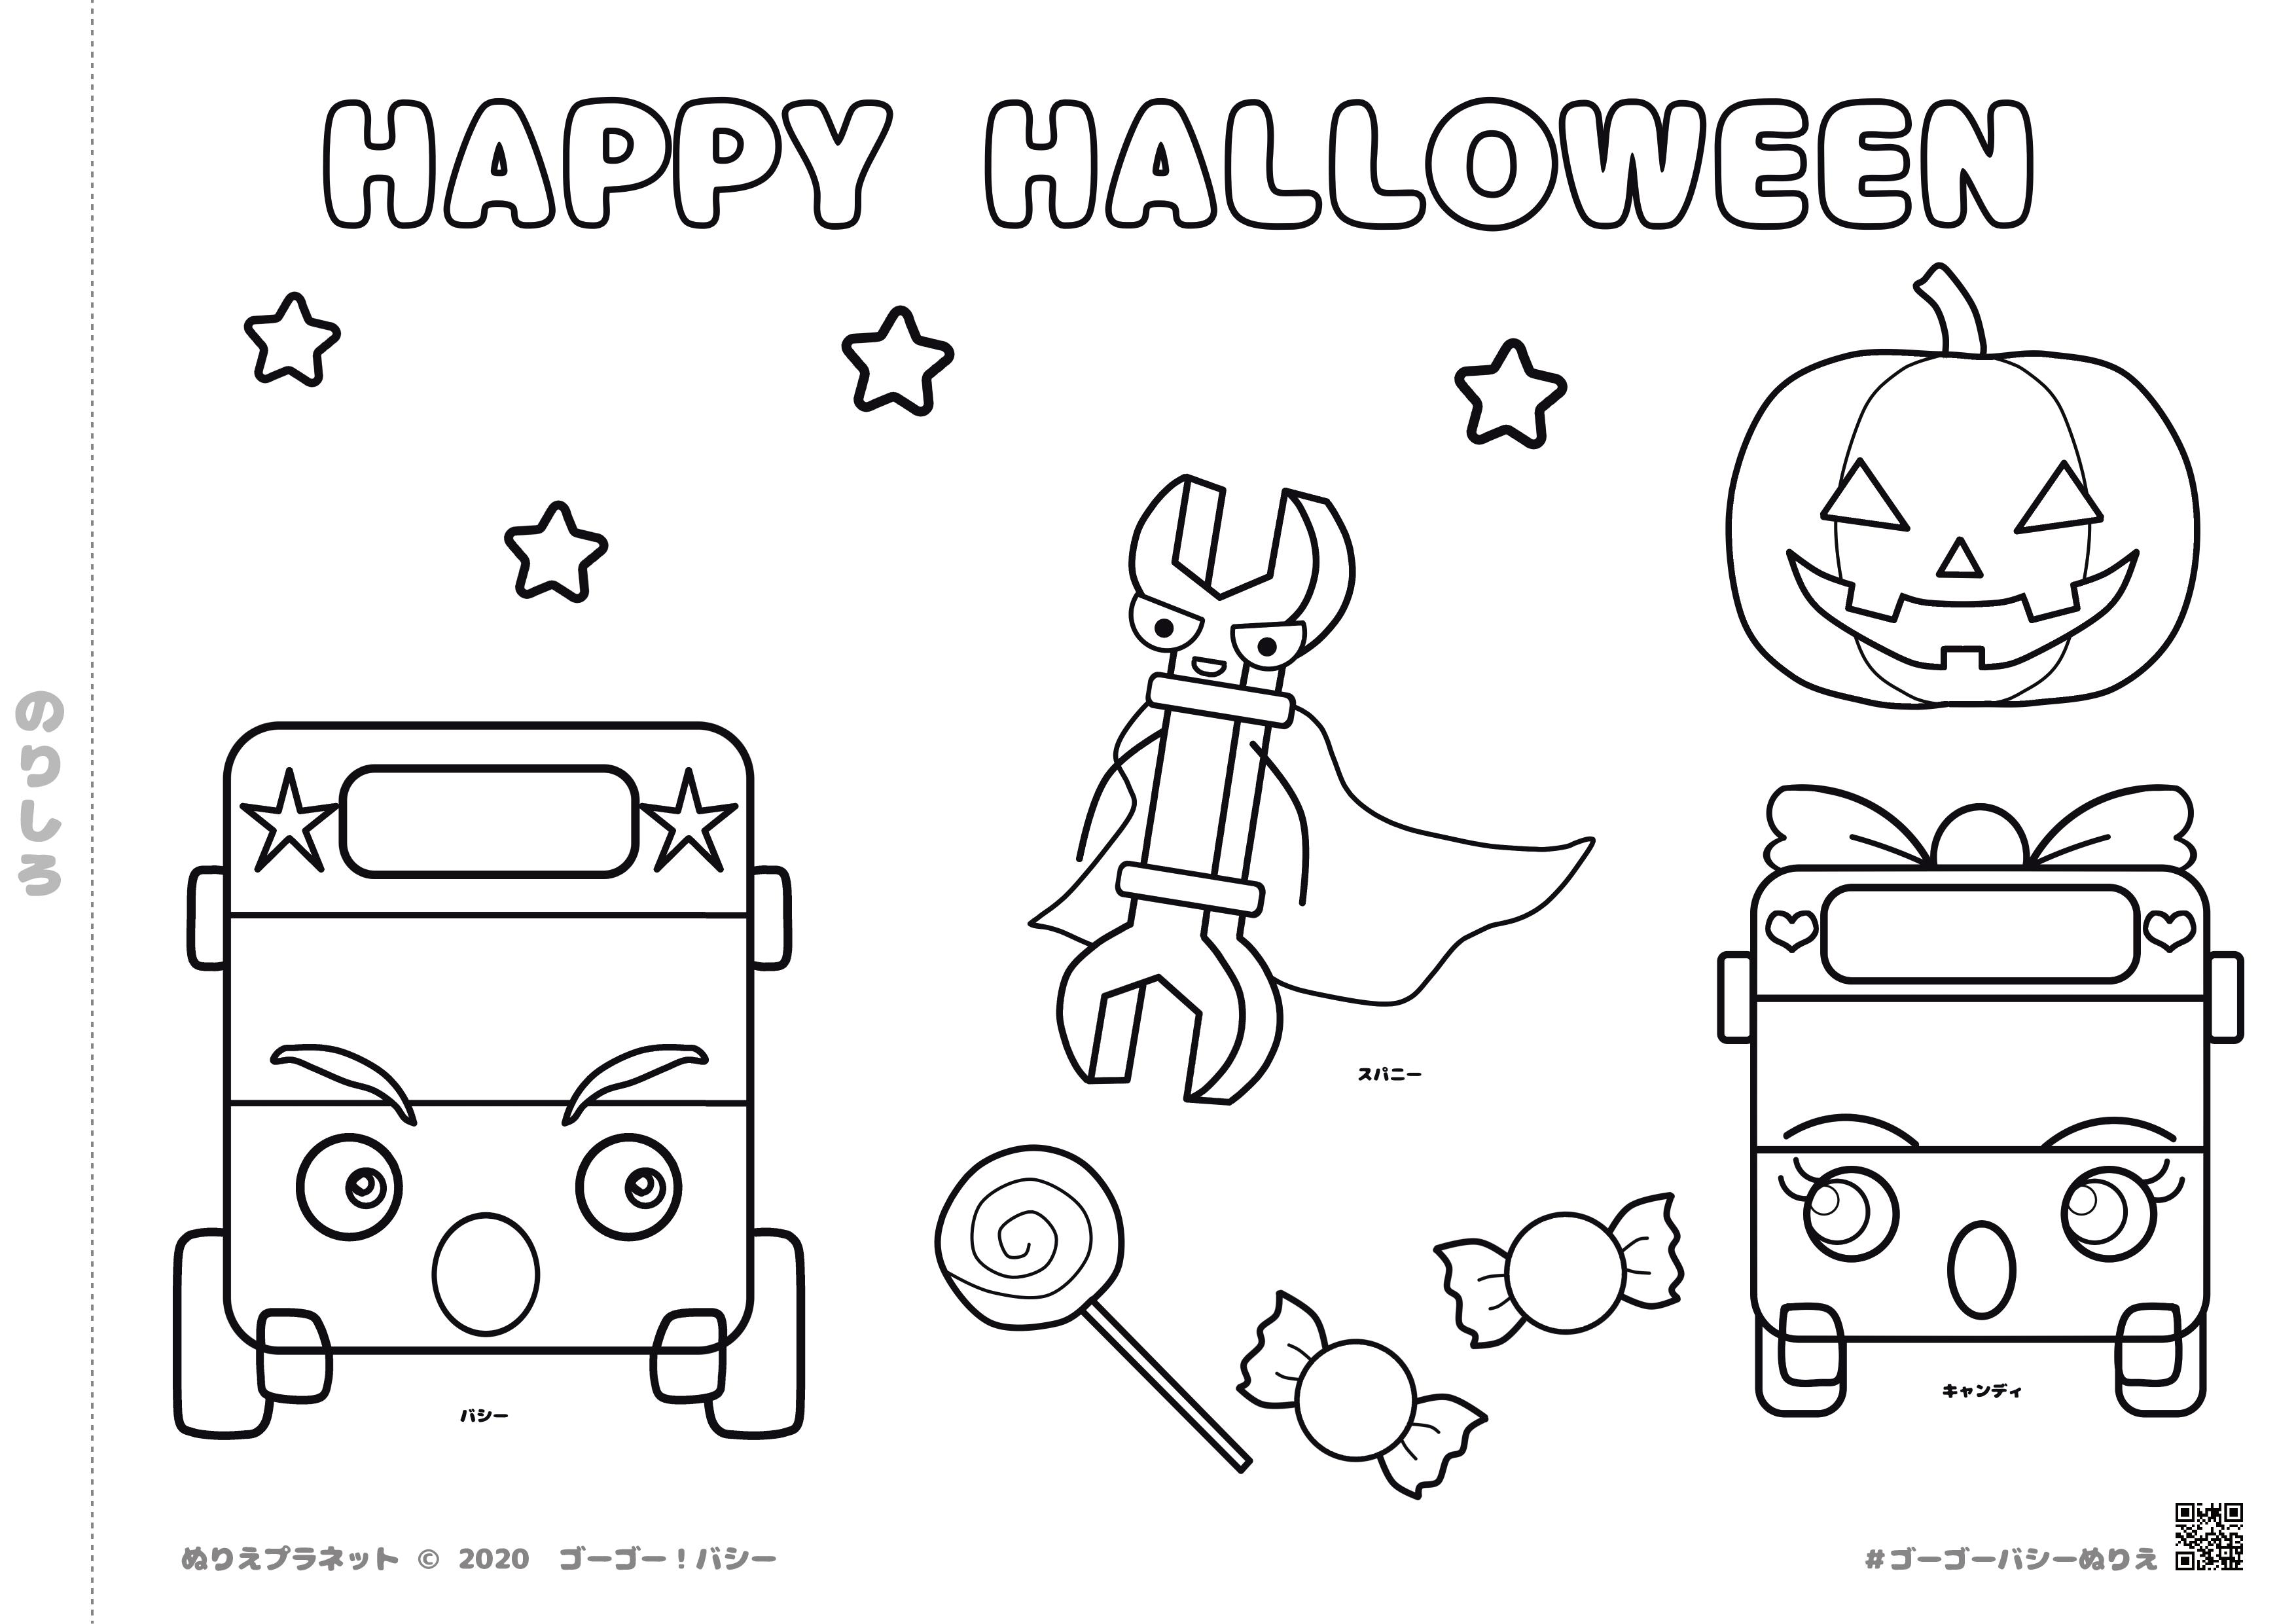 ハッピーハロウィン!バスのバシーとキャンディ、スパニーがハロウィンを楽しんだよ。